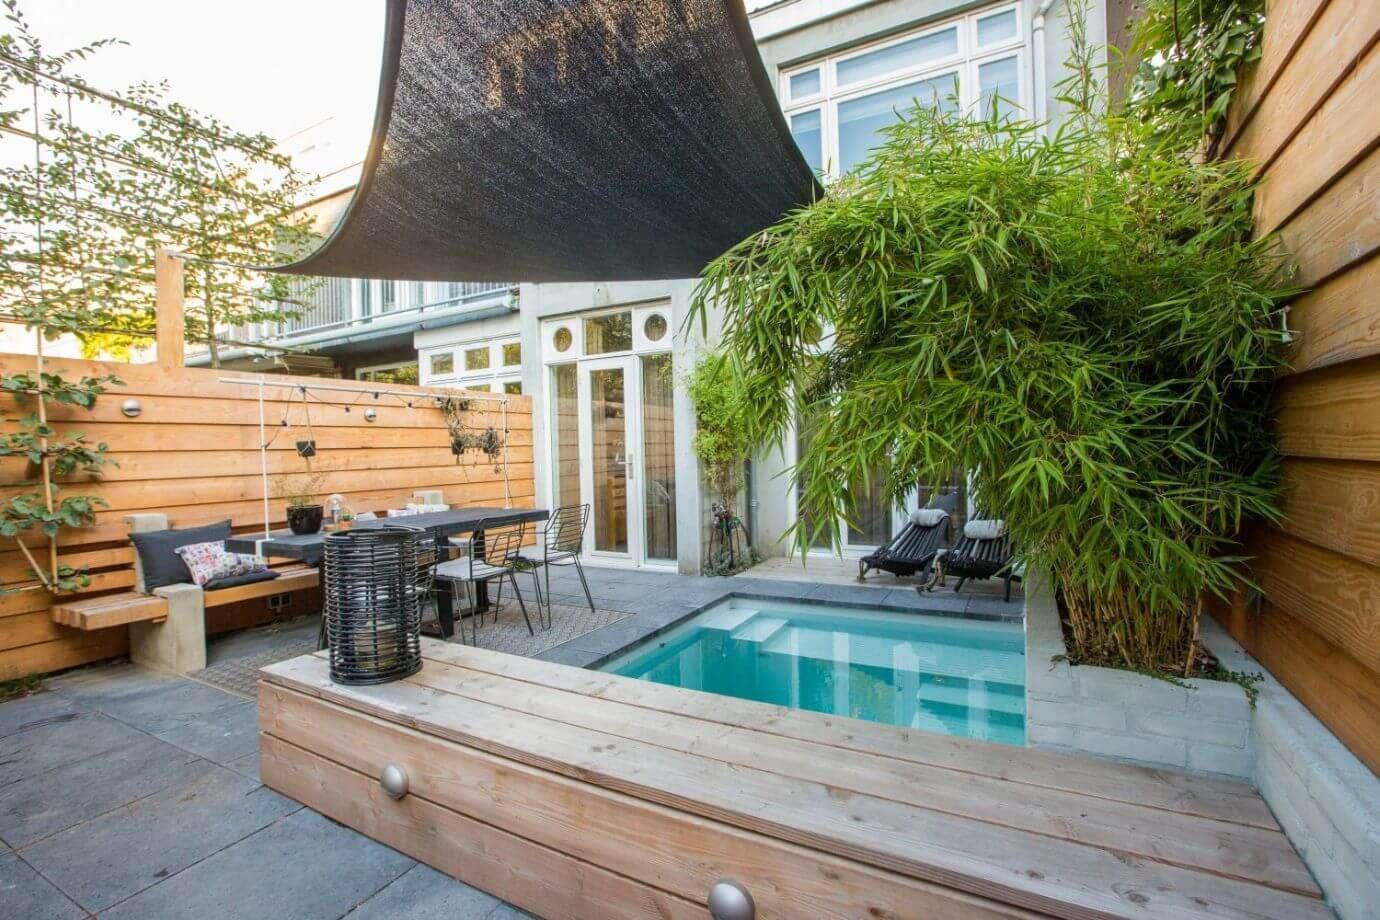 Luxe villa terras idee u stockfoto photographee eu